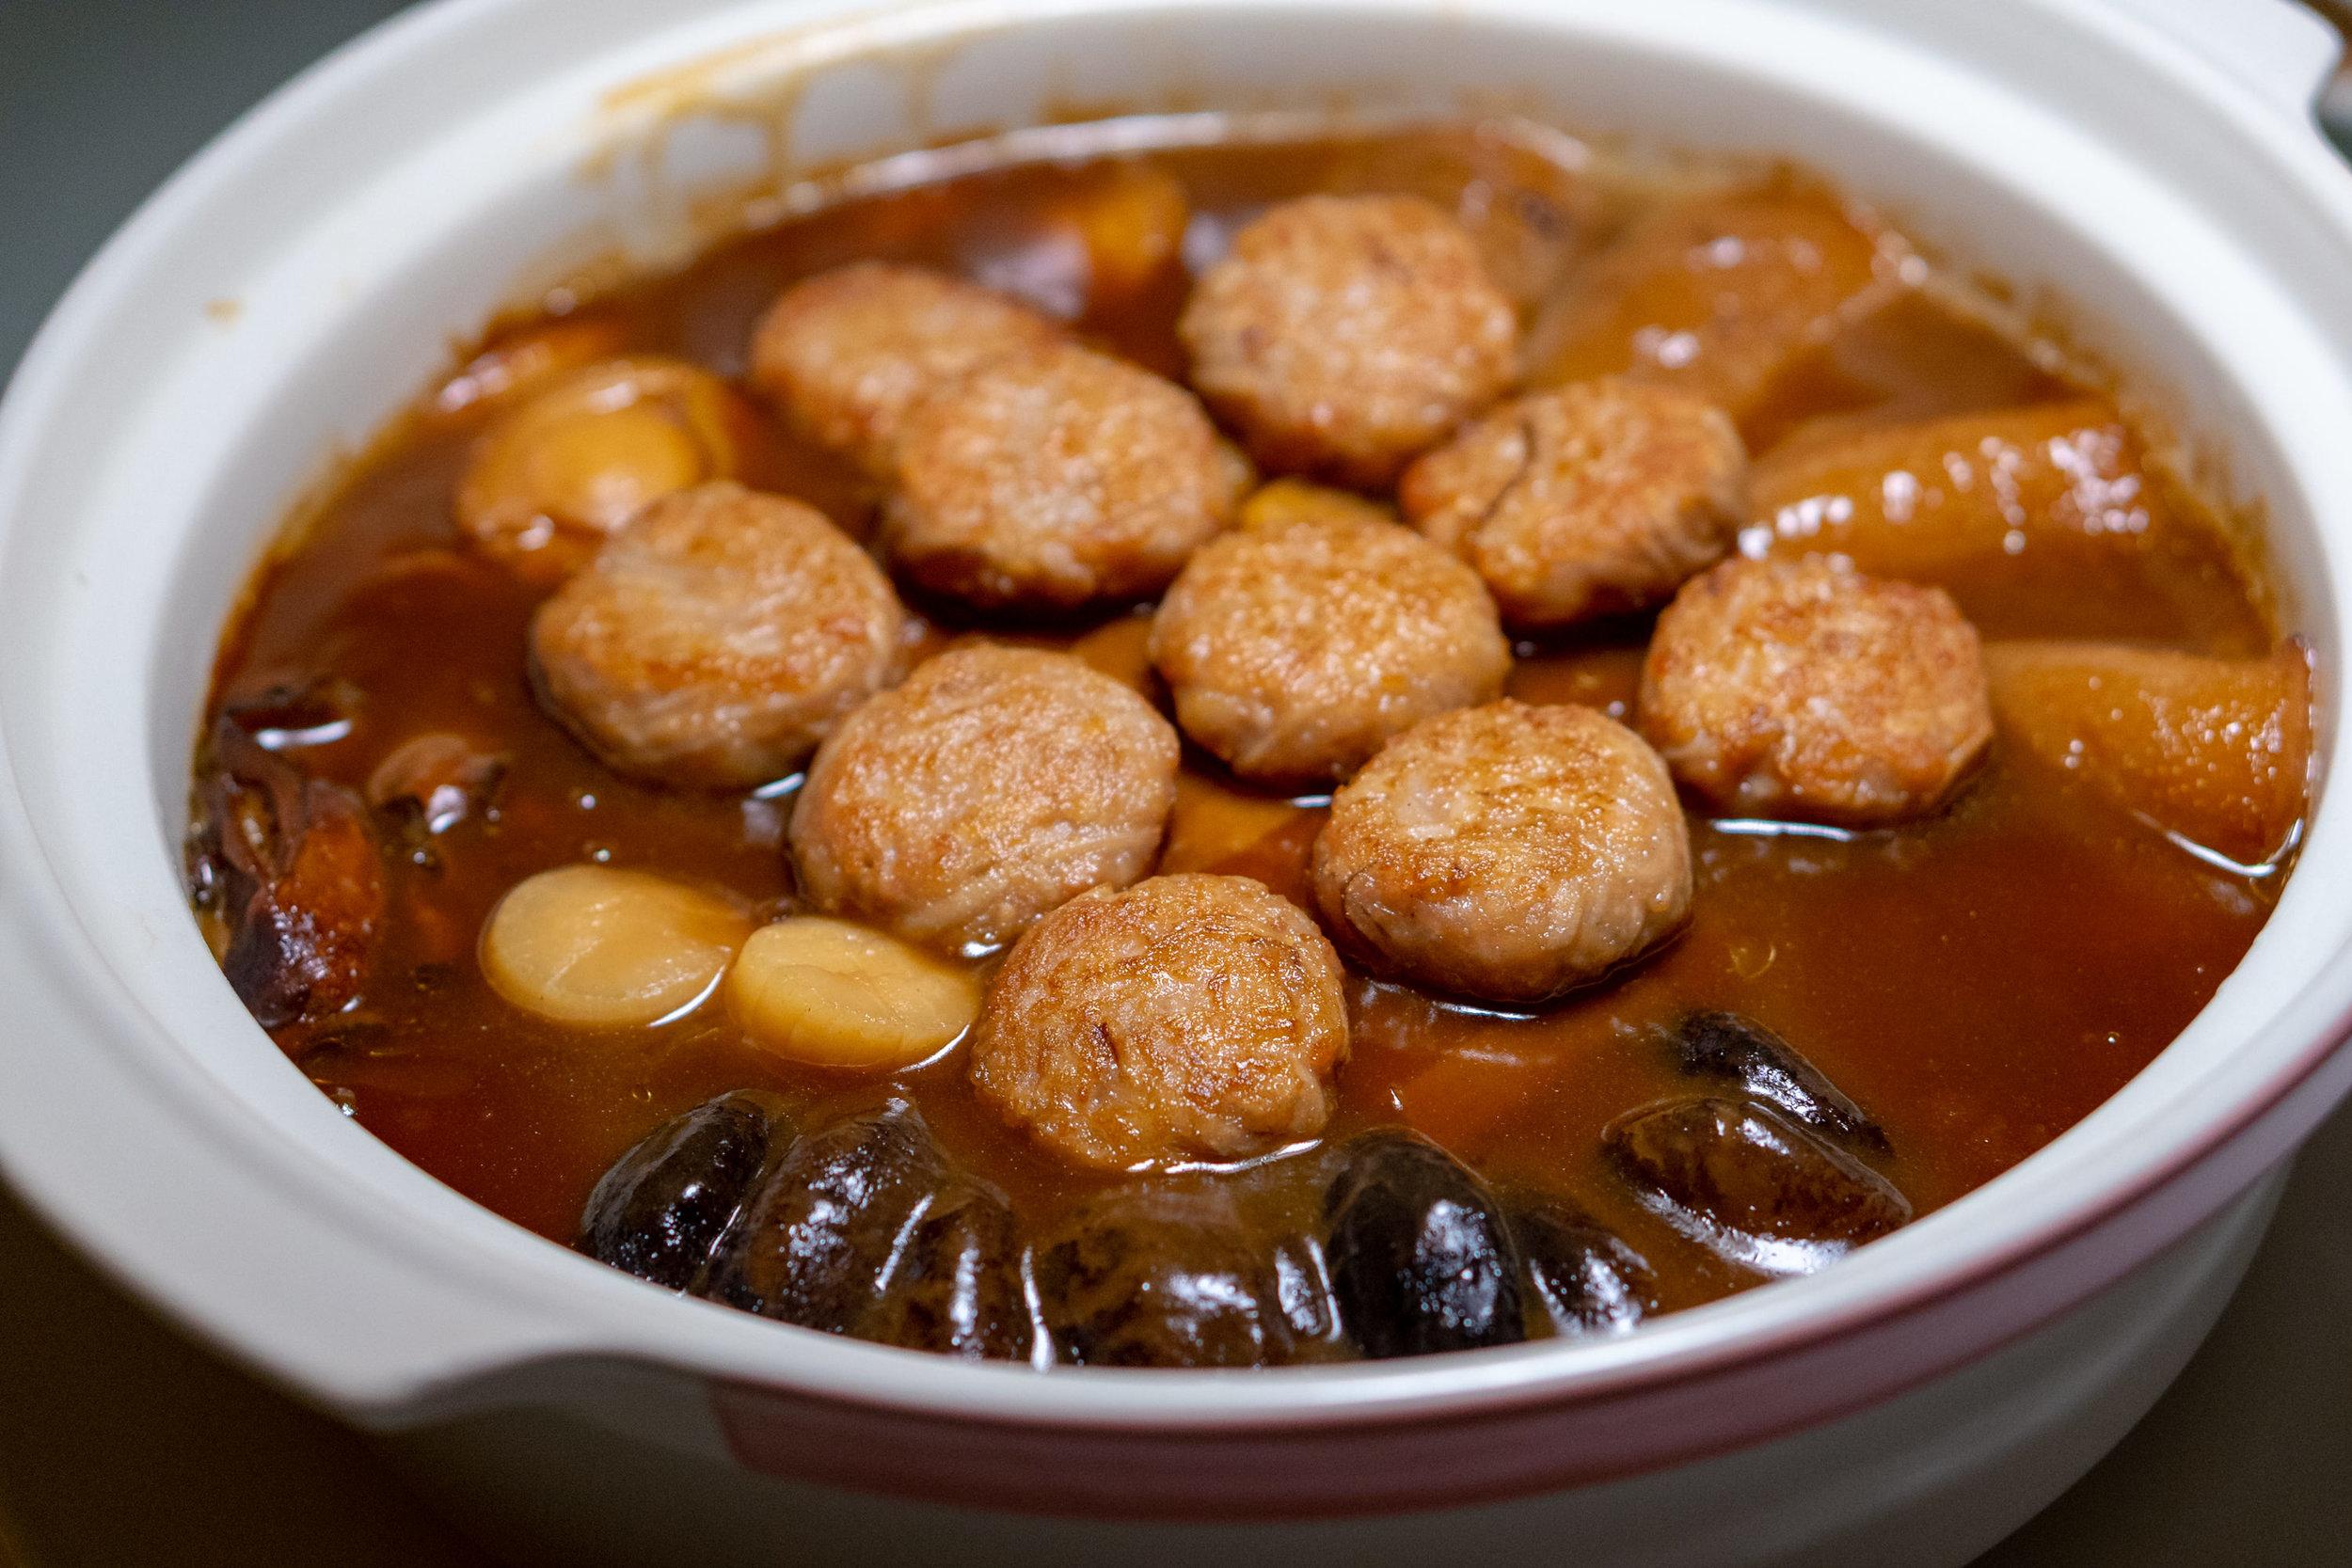 Braised Pork Belly with Pan-fried Lotus Root Pork Patties and Sea Treasures in Claypot 富贵花腩莲藕肉饼海味锅